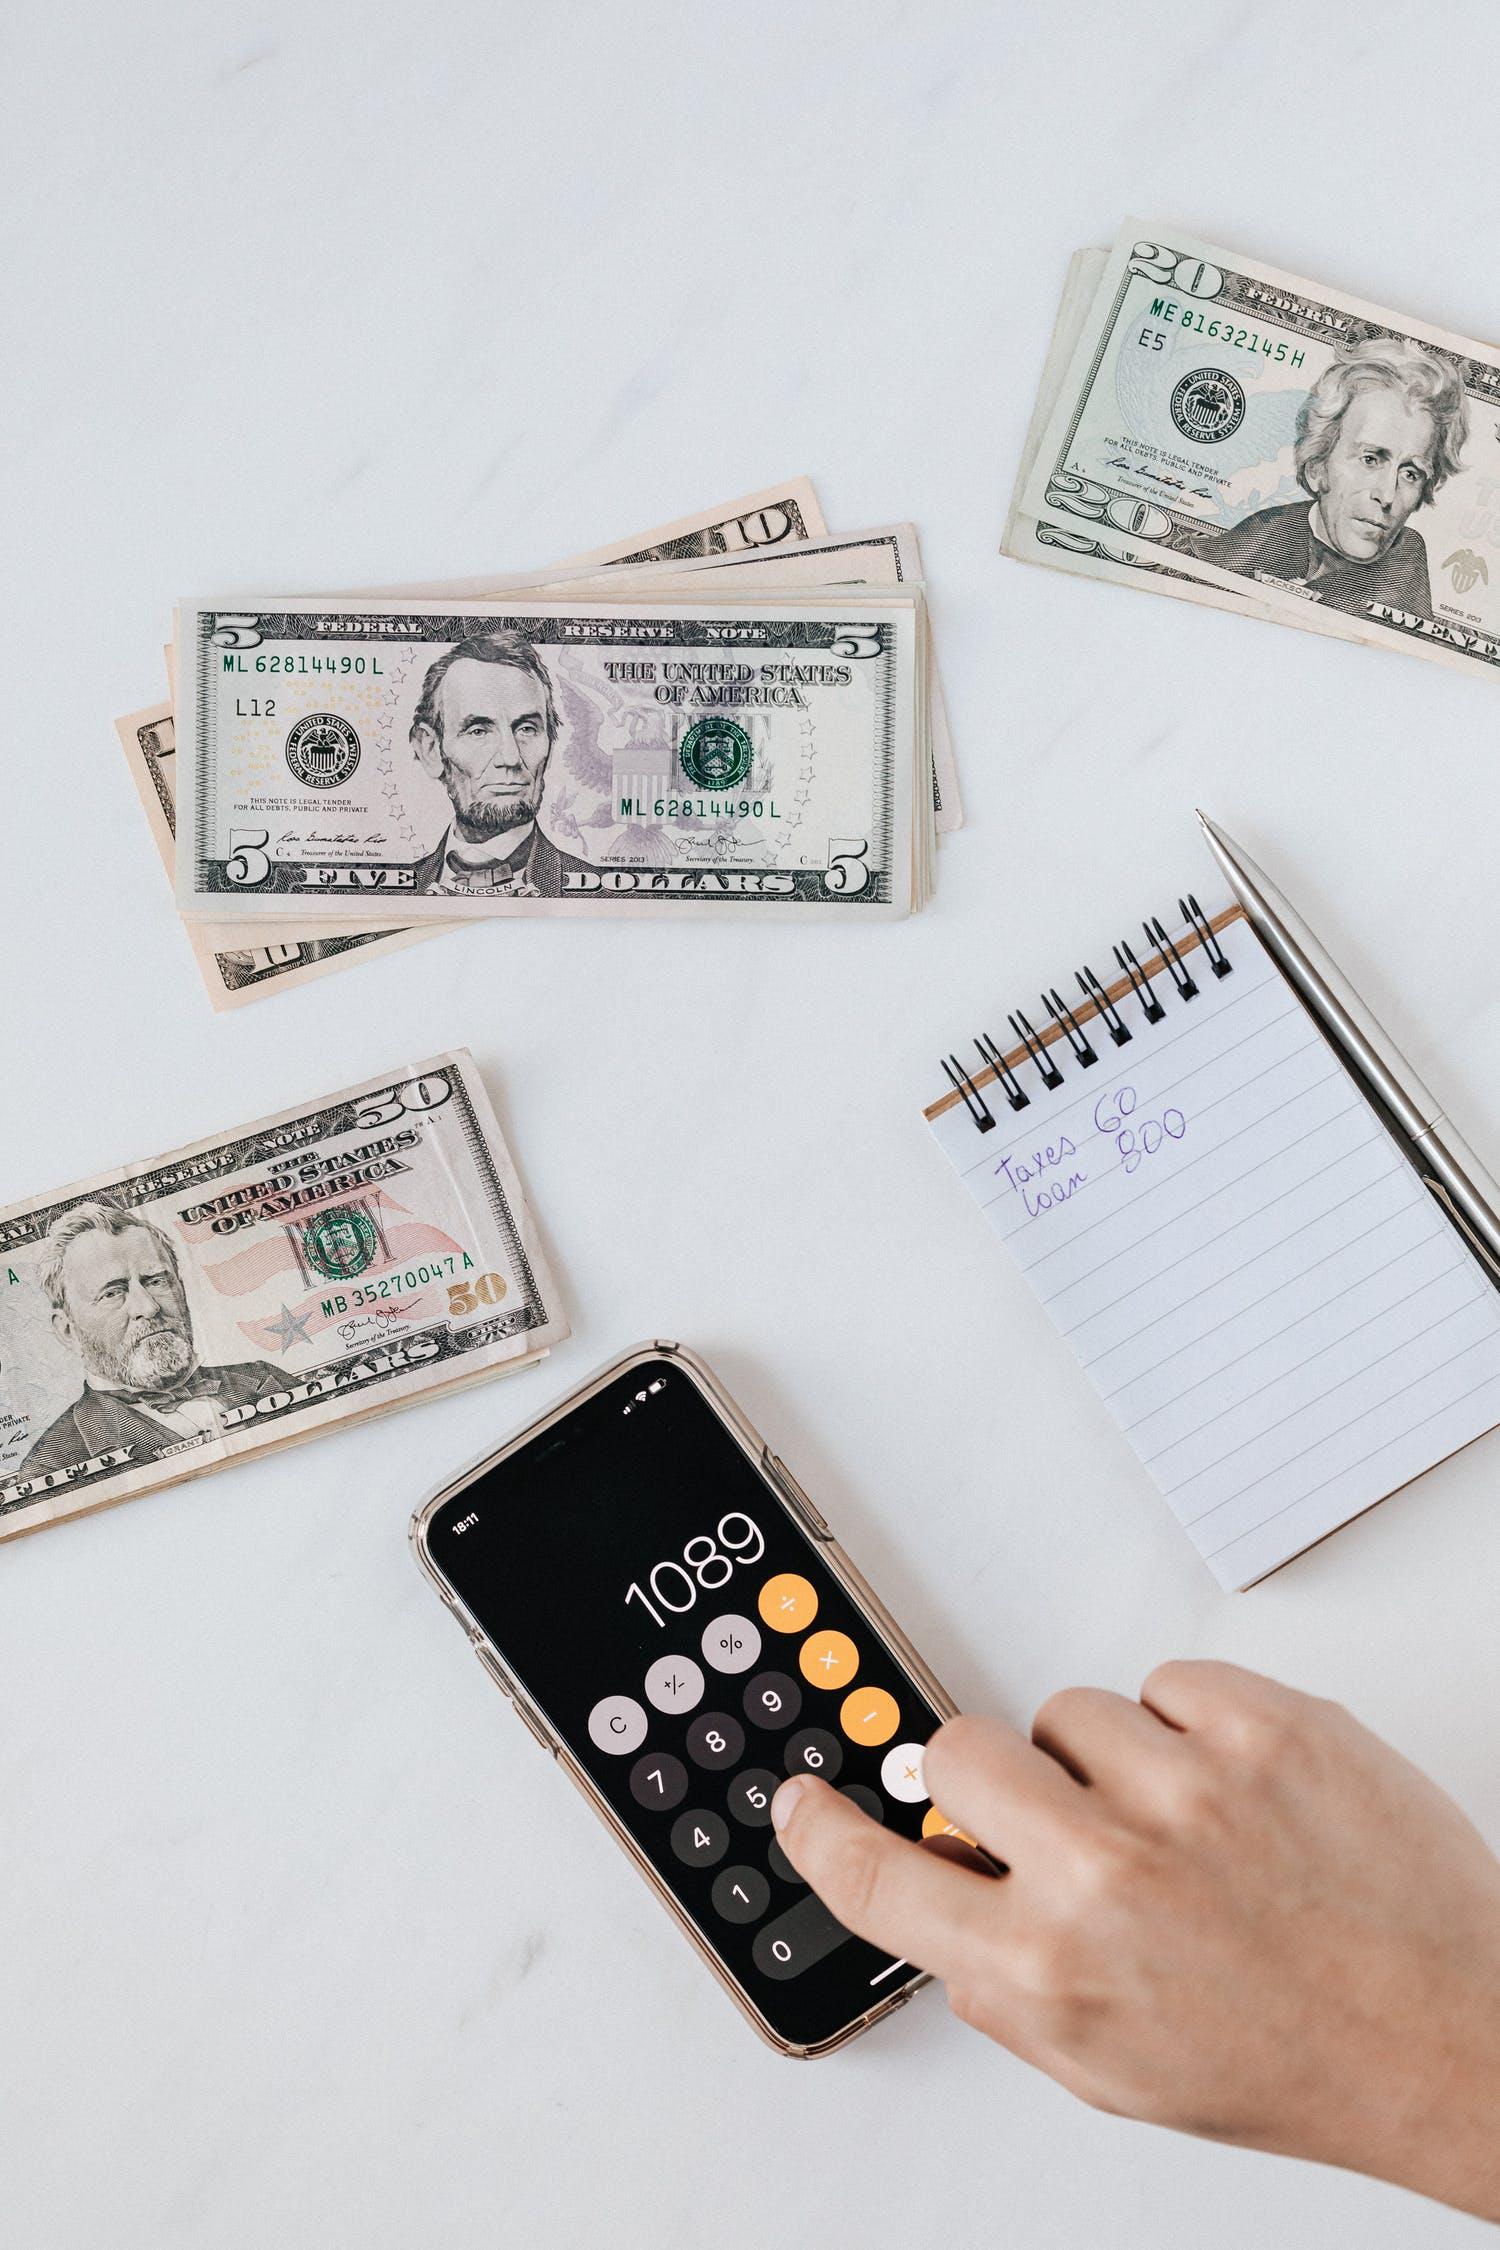 Риск и доходность: как перестать бояться и начать инвестировать – советы коуча по денежному мышлению